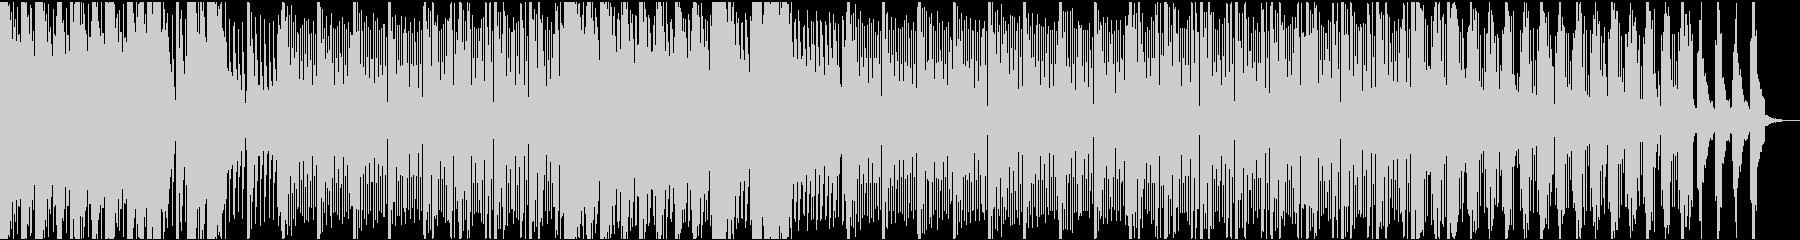 低音のシンセ音が大人な雰囲気のEDMの未再生の波形